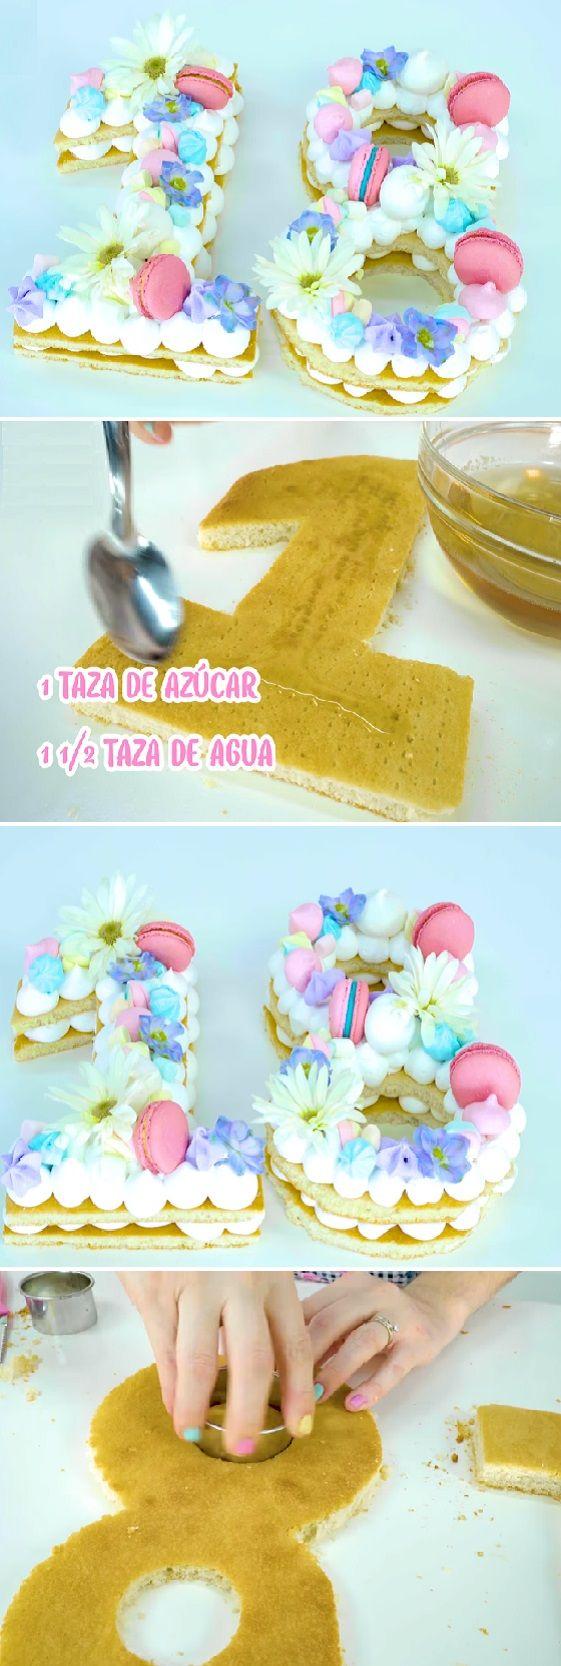 Reqemli tort